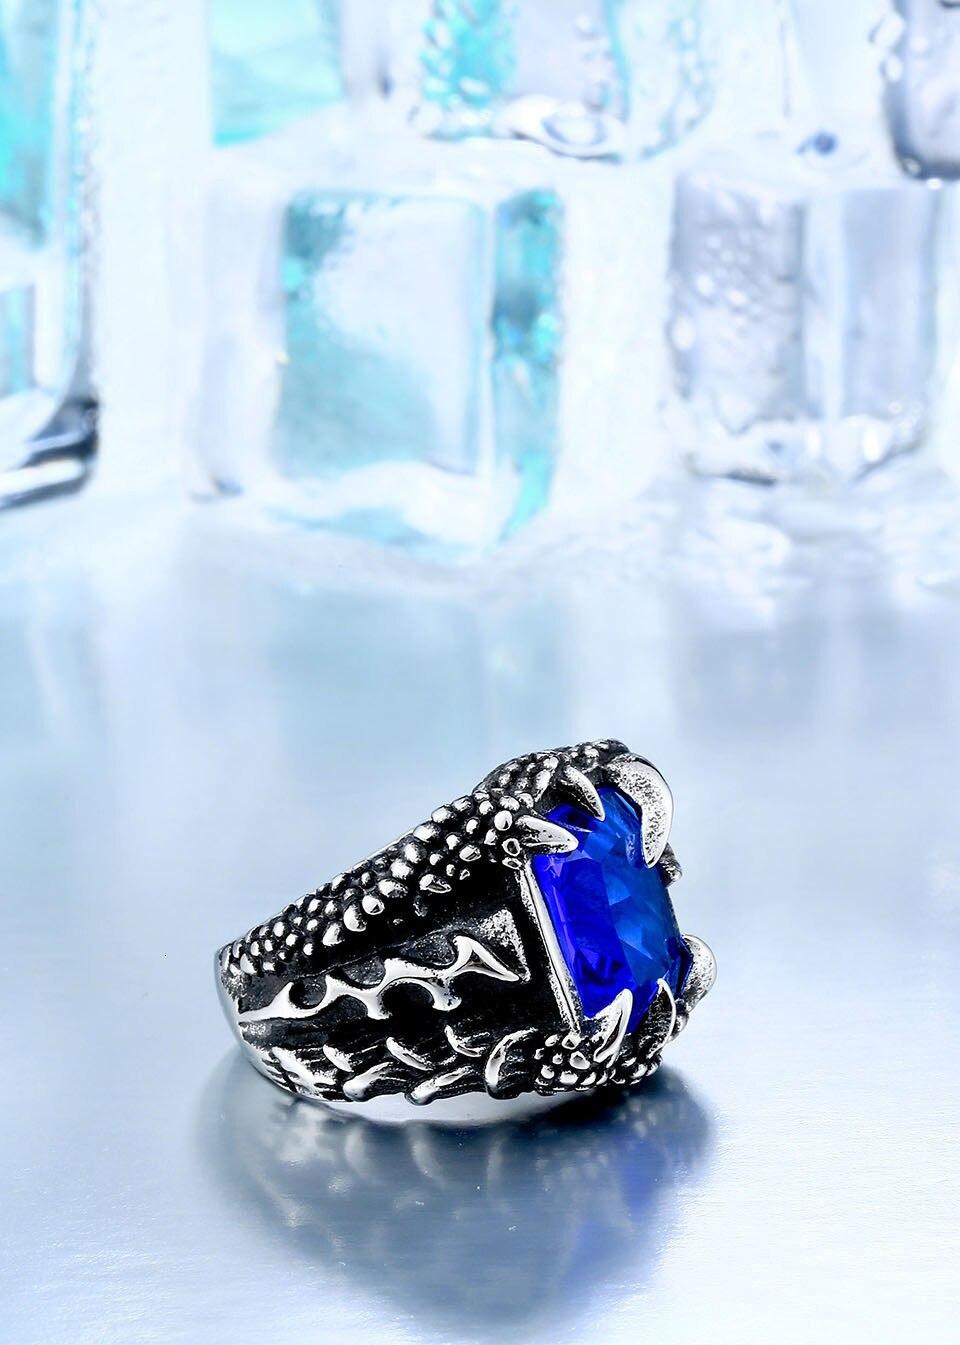 H315da4d7d1344b42beab2f7e7ff7b19ew - Paladin Dragon Claw Ring